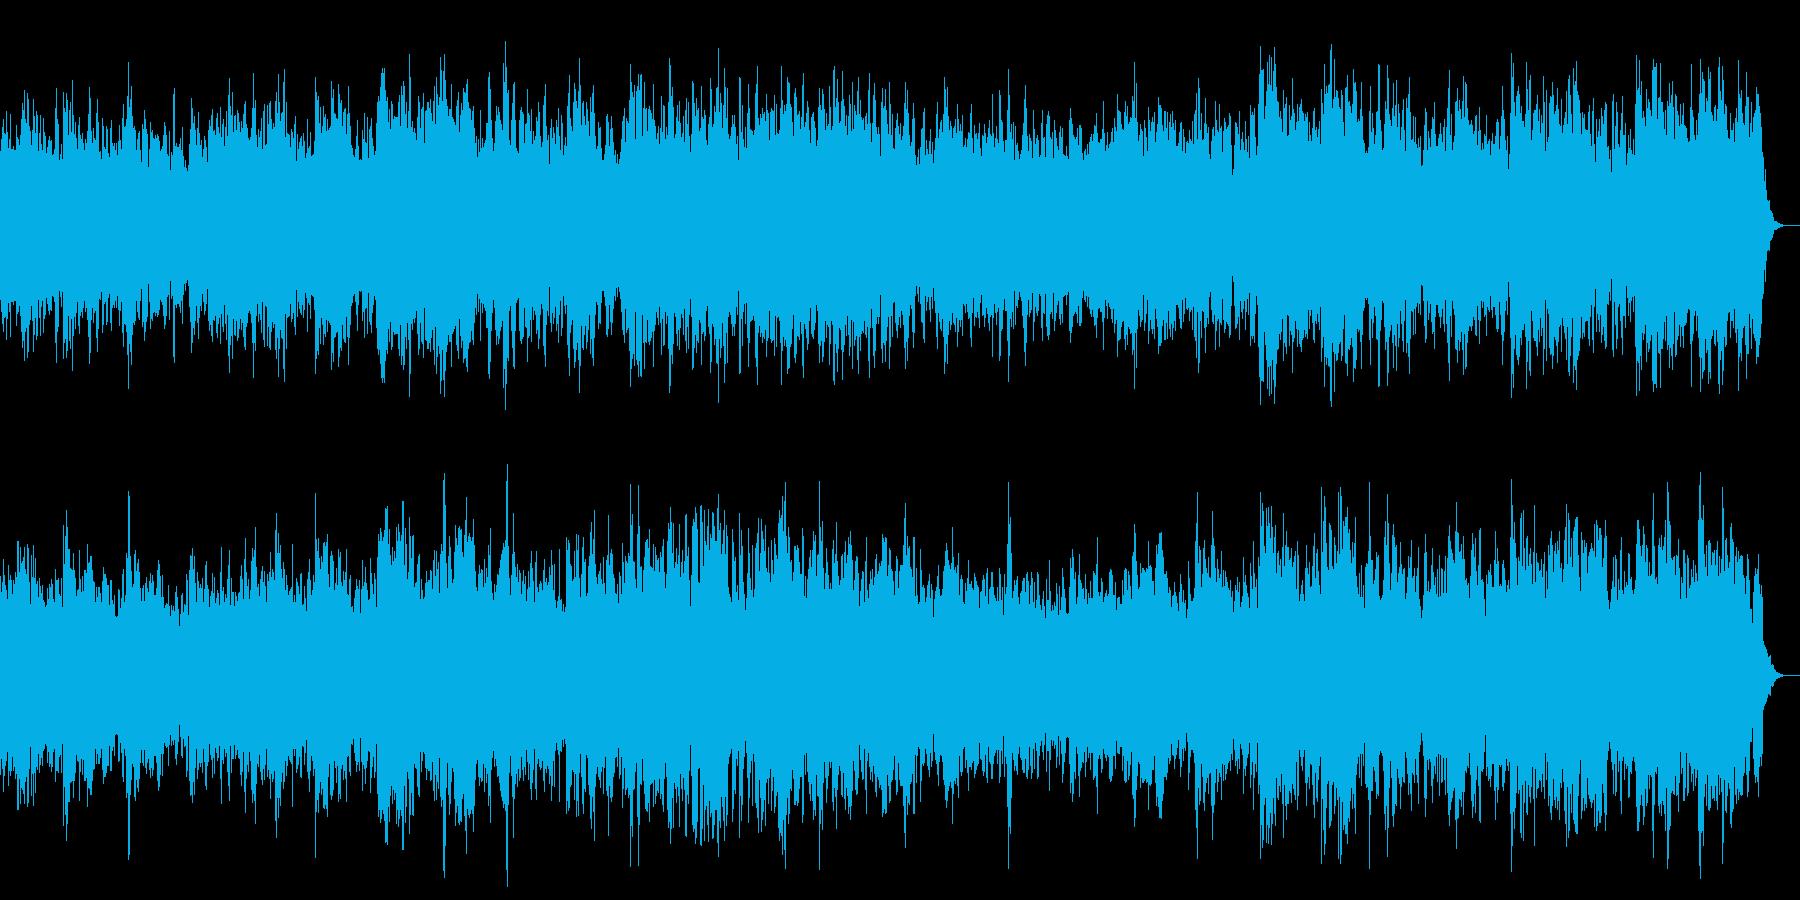 恐怖感の演出 怖いシーン向けのBGMの再生済みの波形